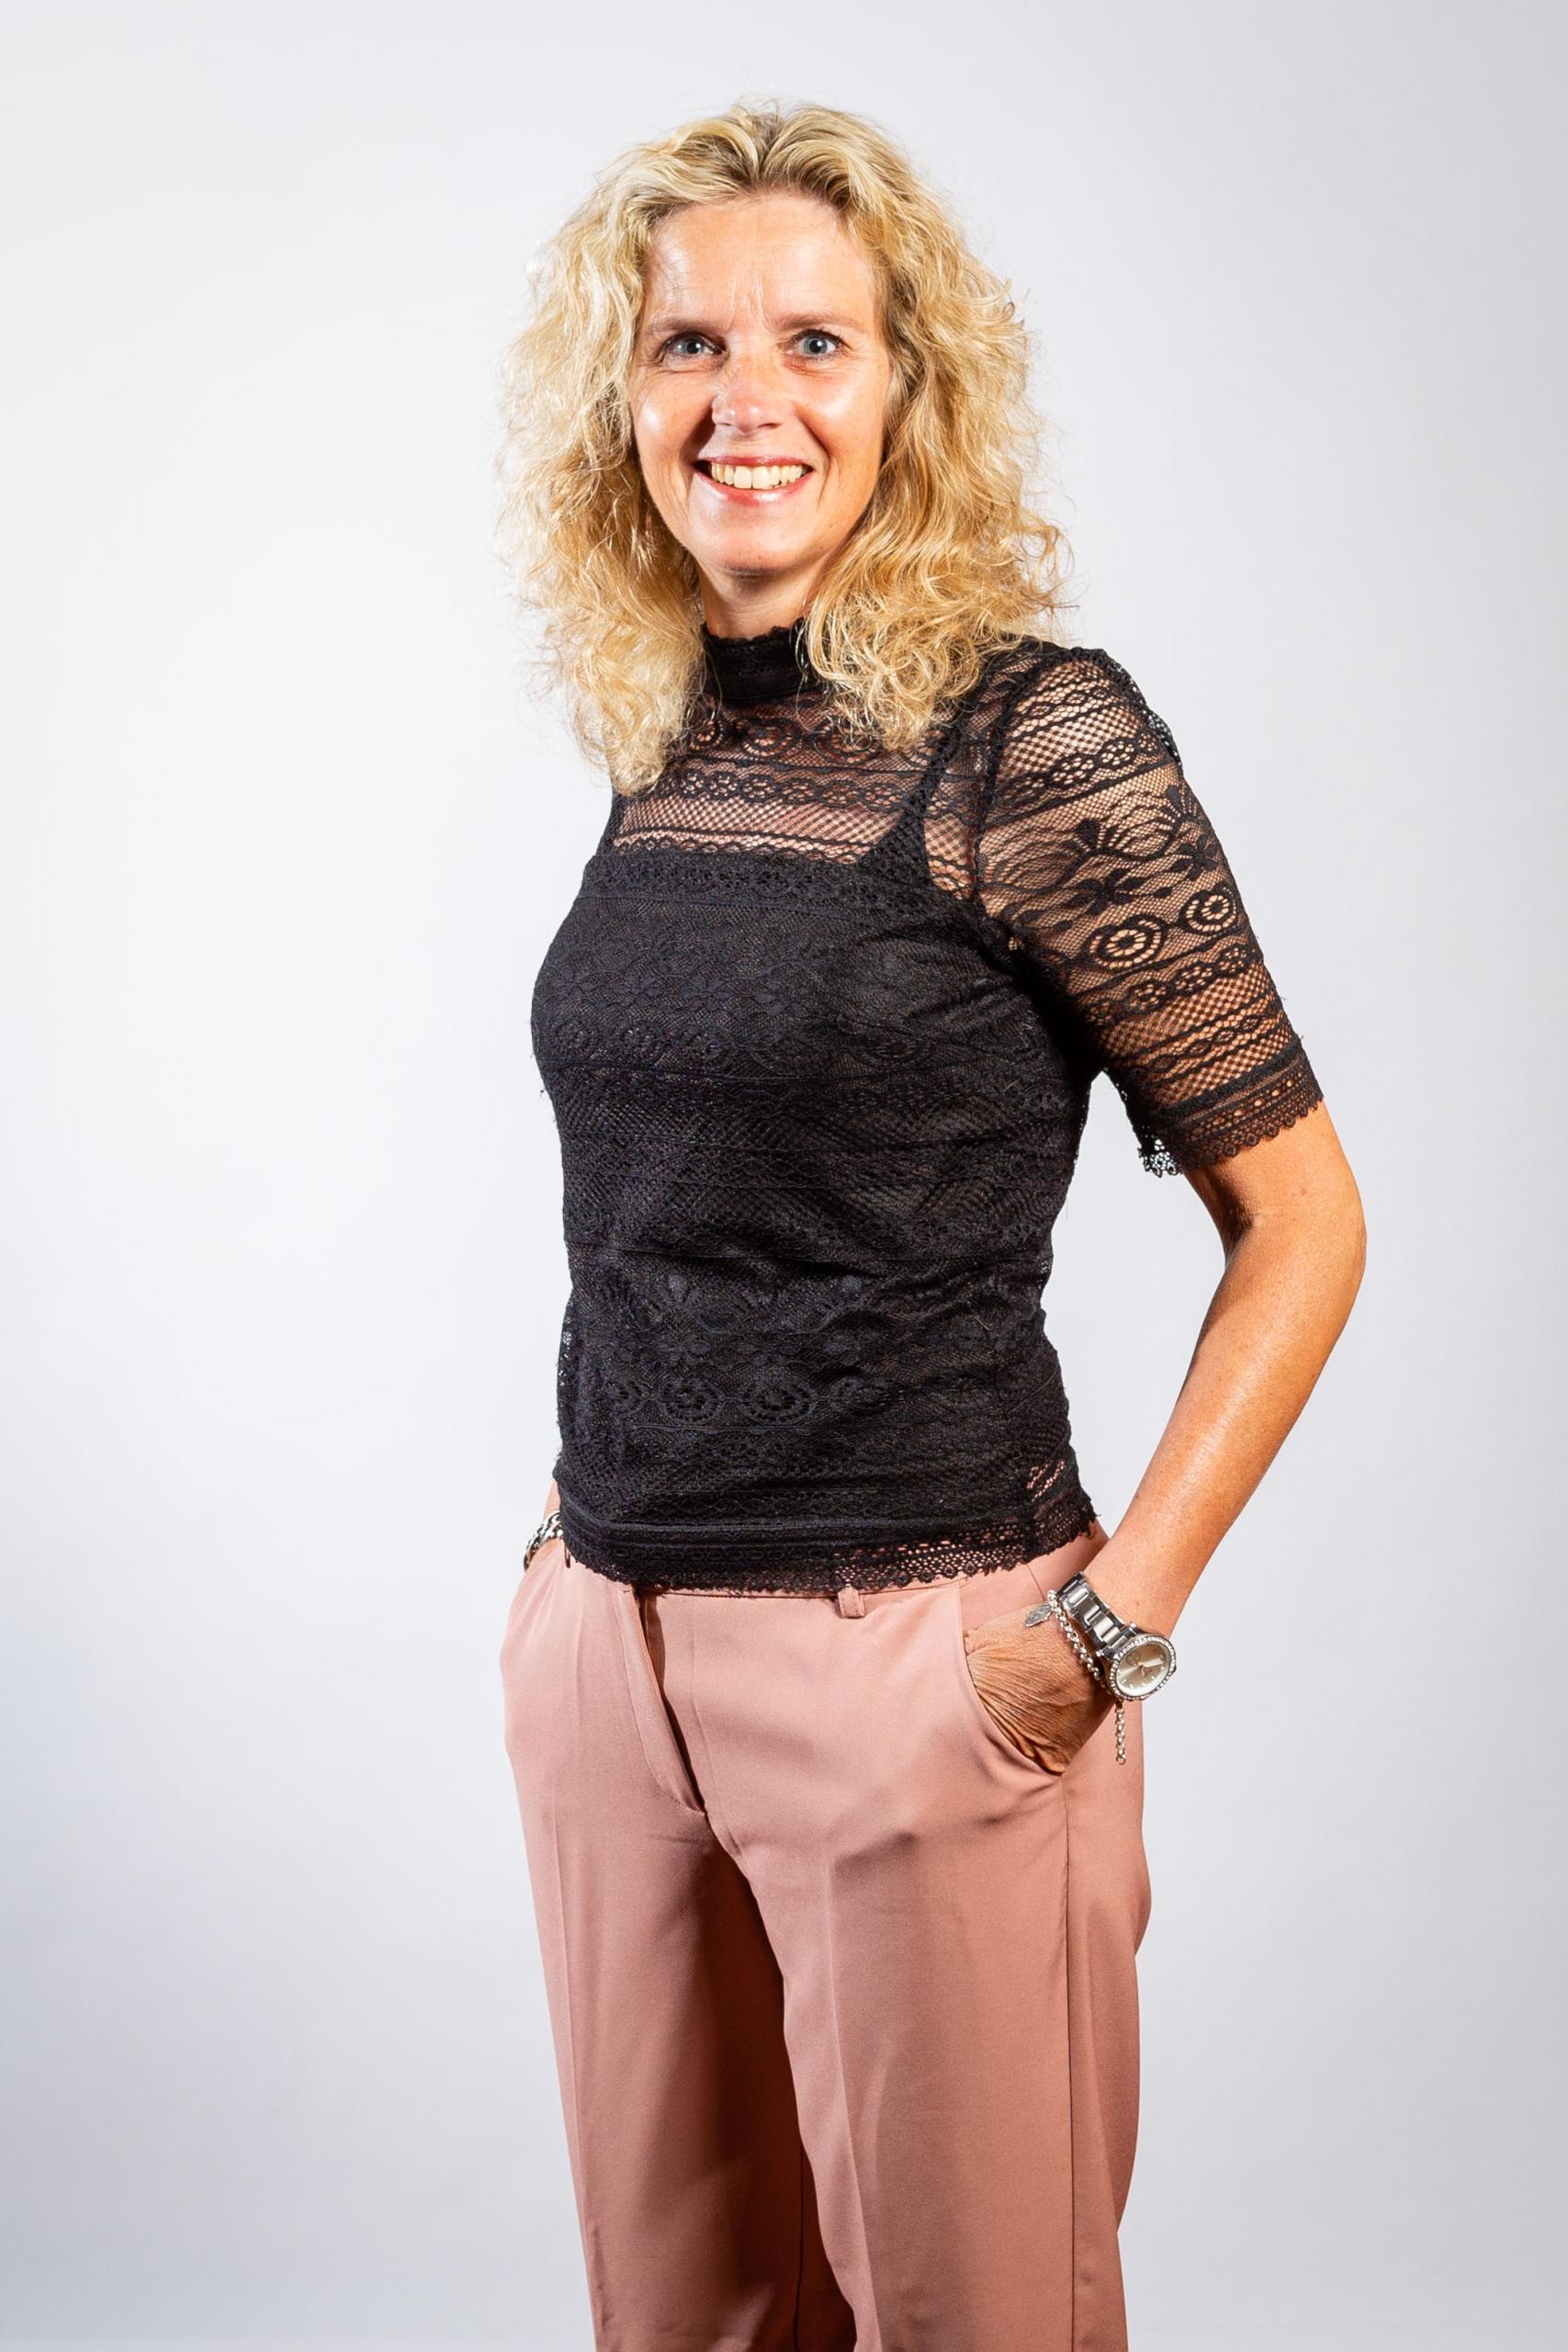 Karin Tijsseling-Smak